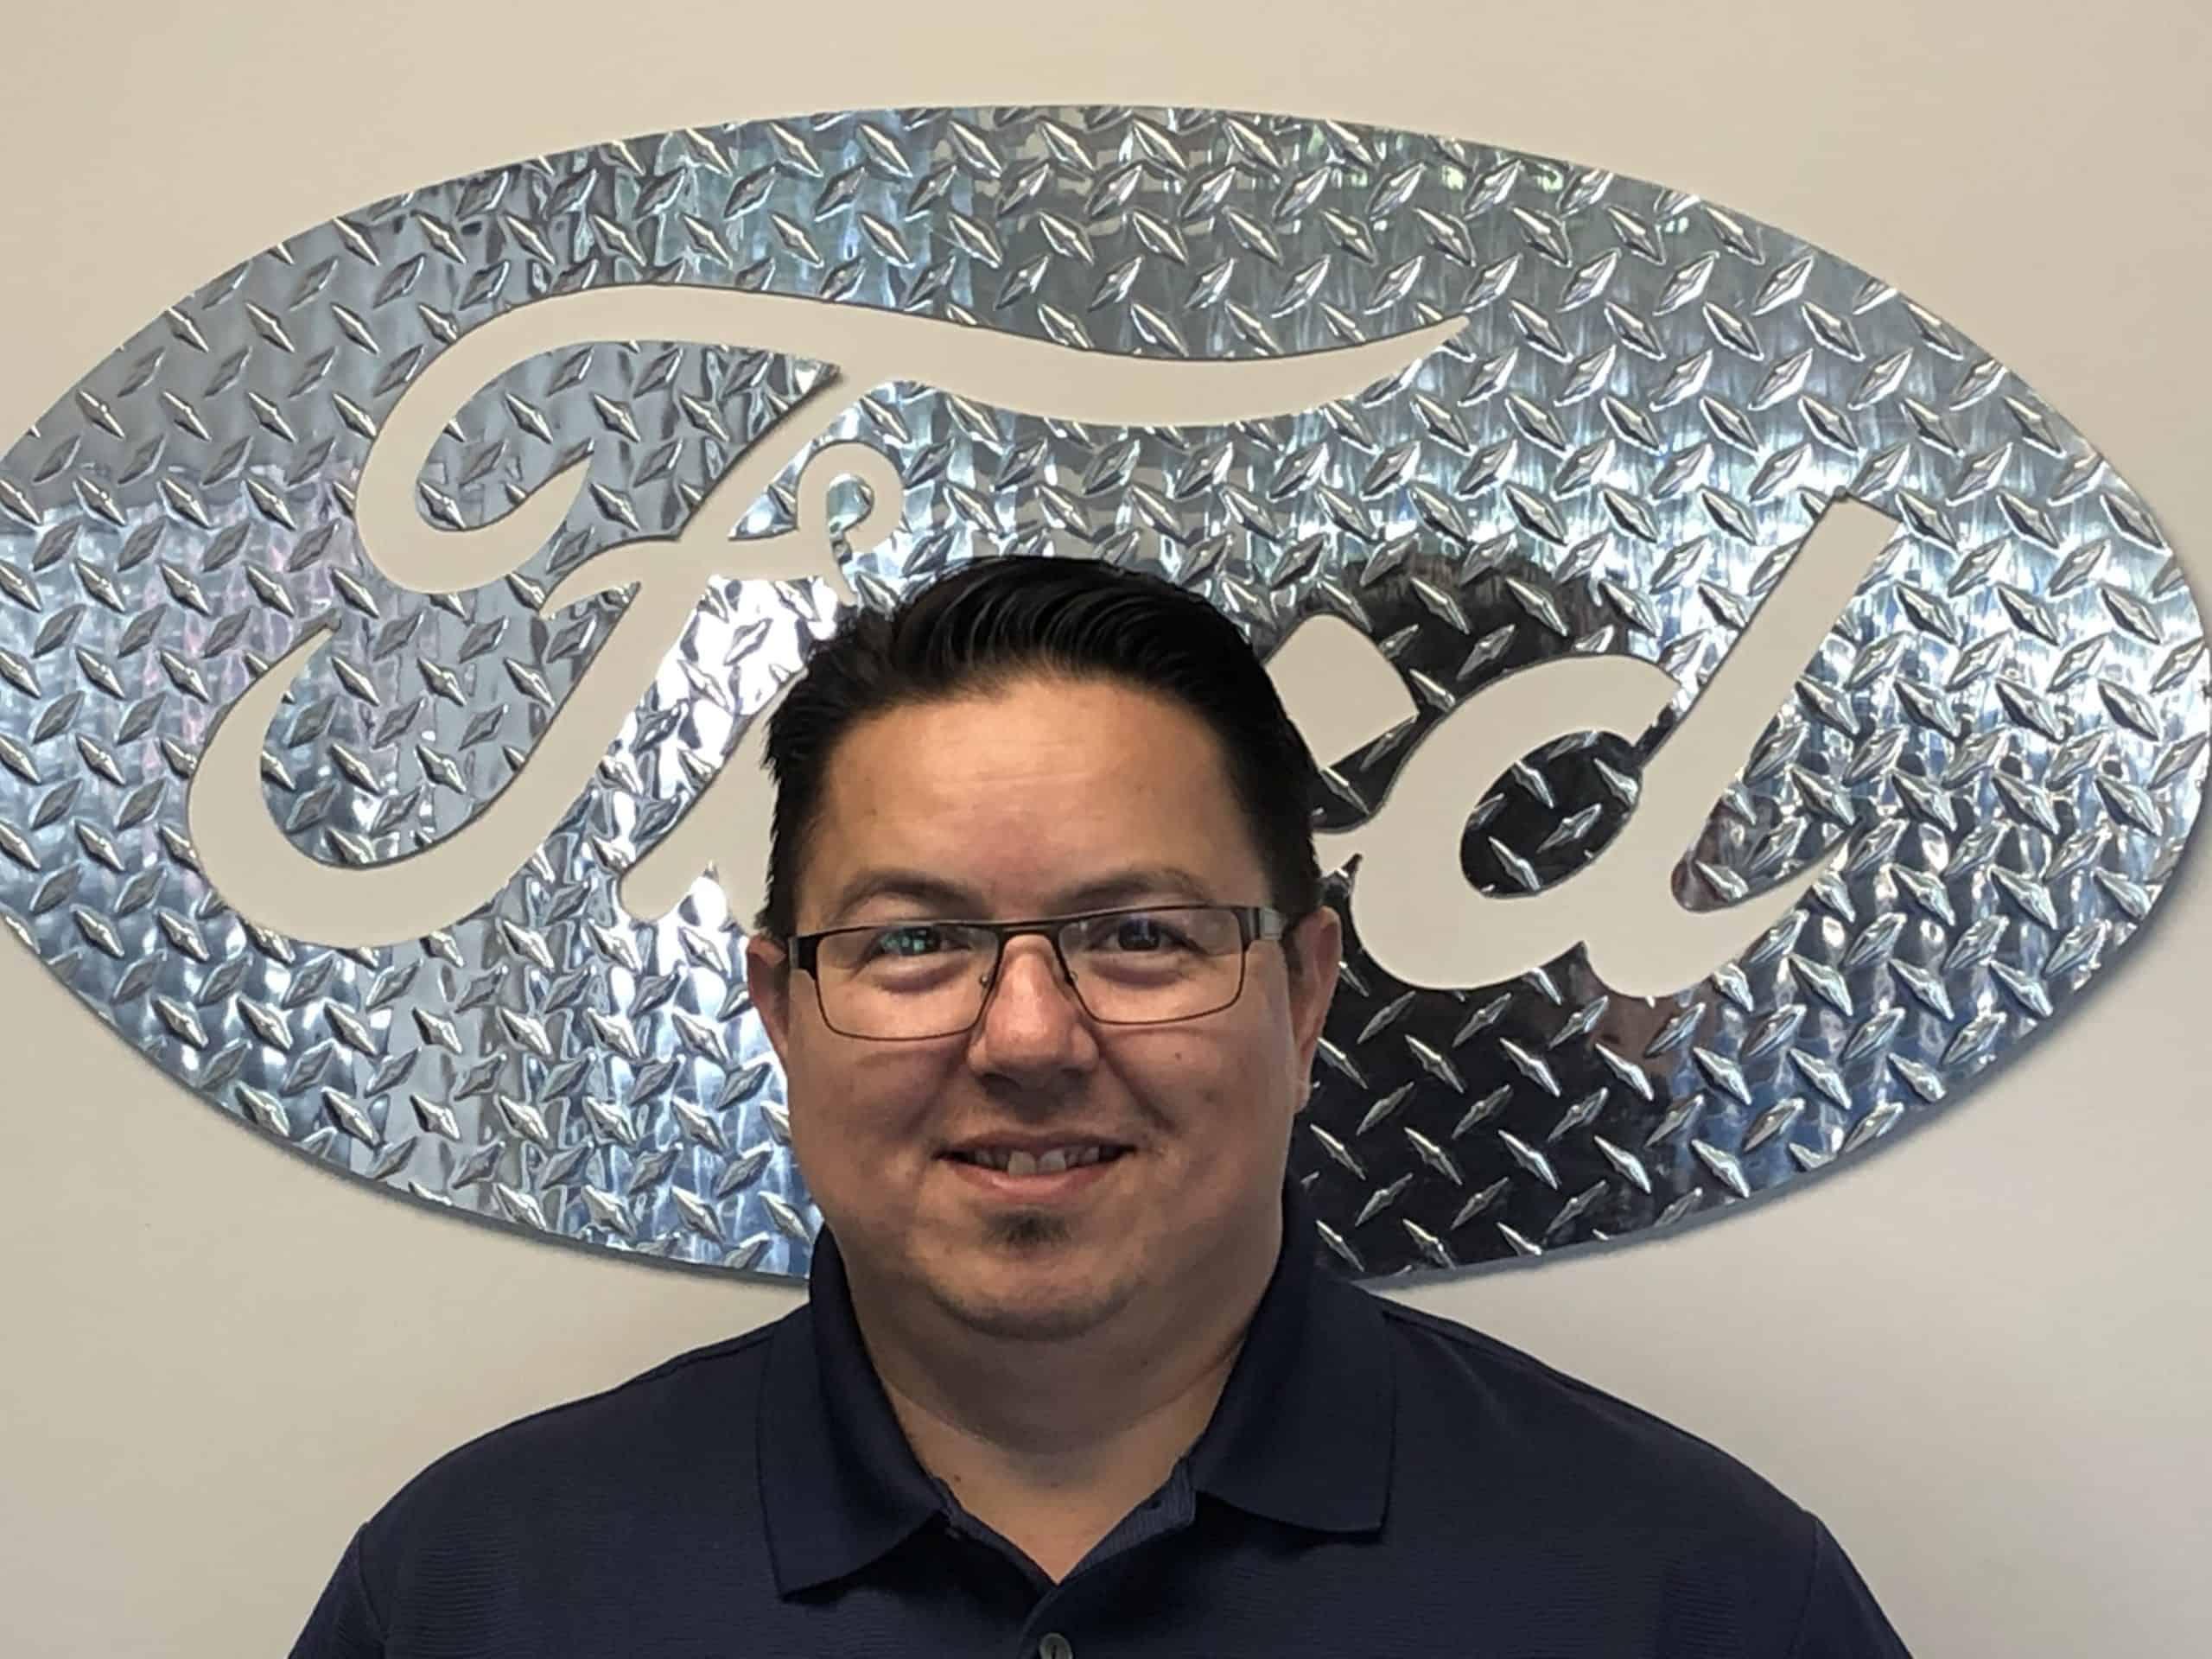 Shawn E. Baginski : Sales Consultant